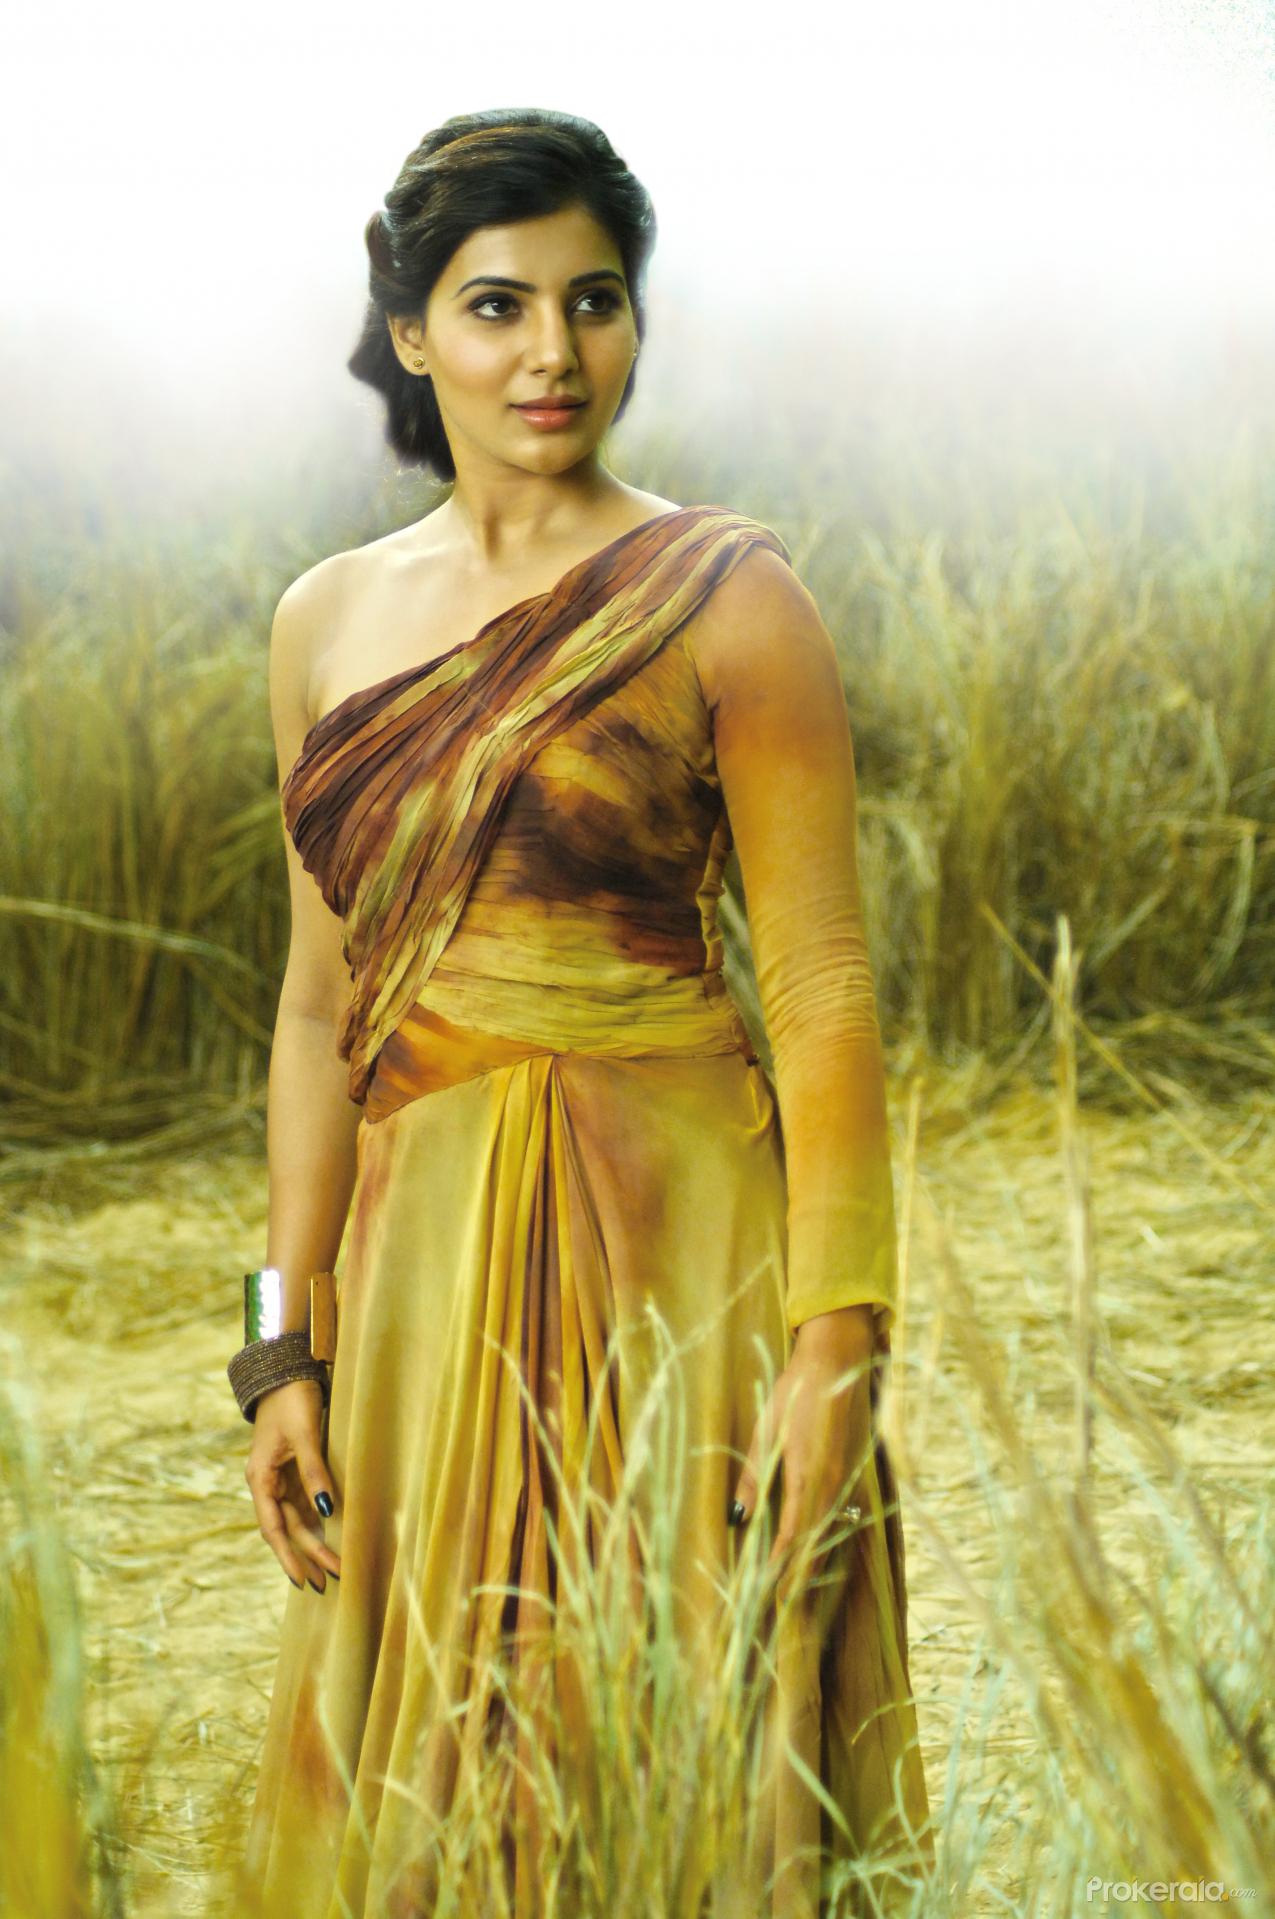 samantha in movie kaththi. still # 14